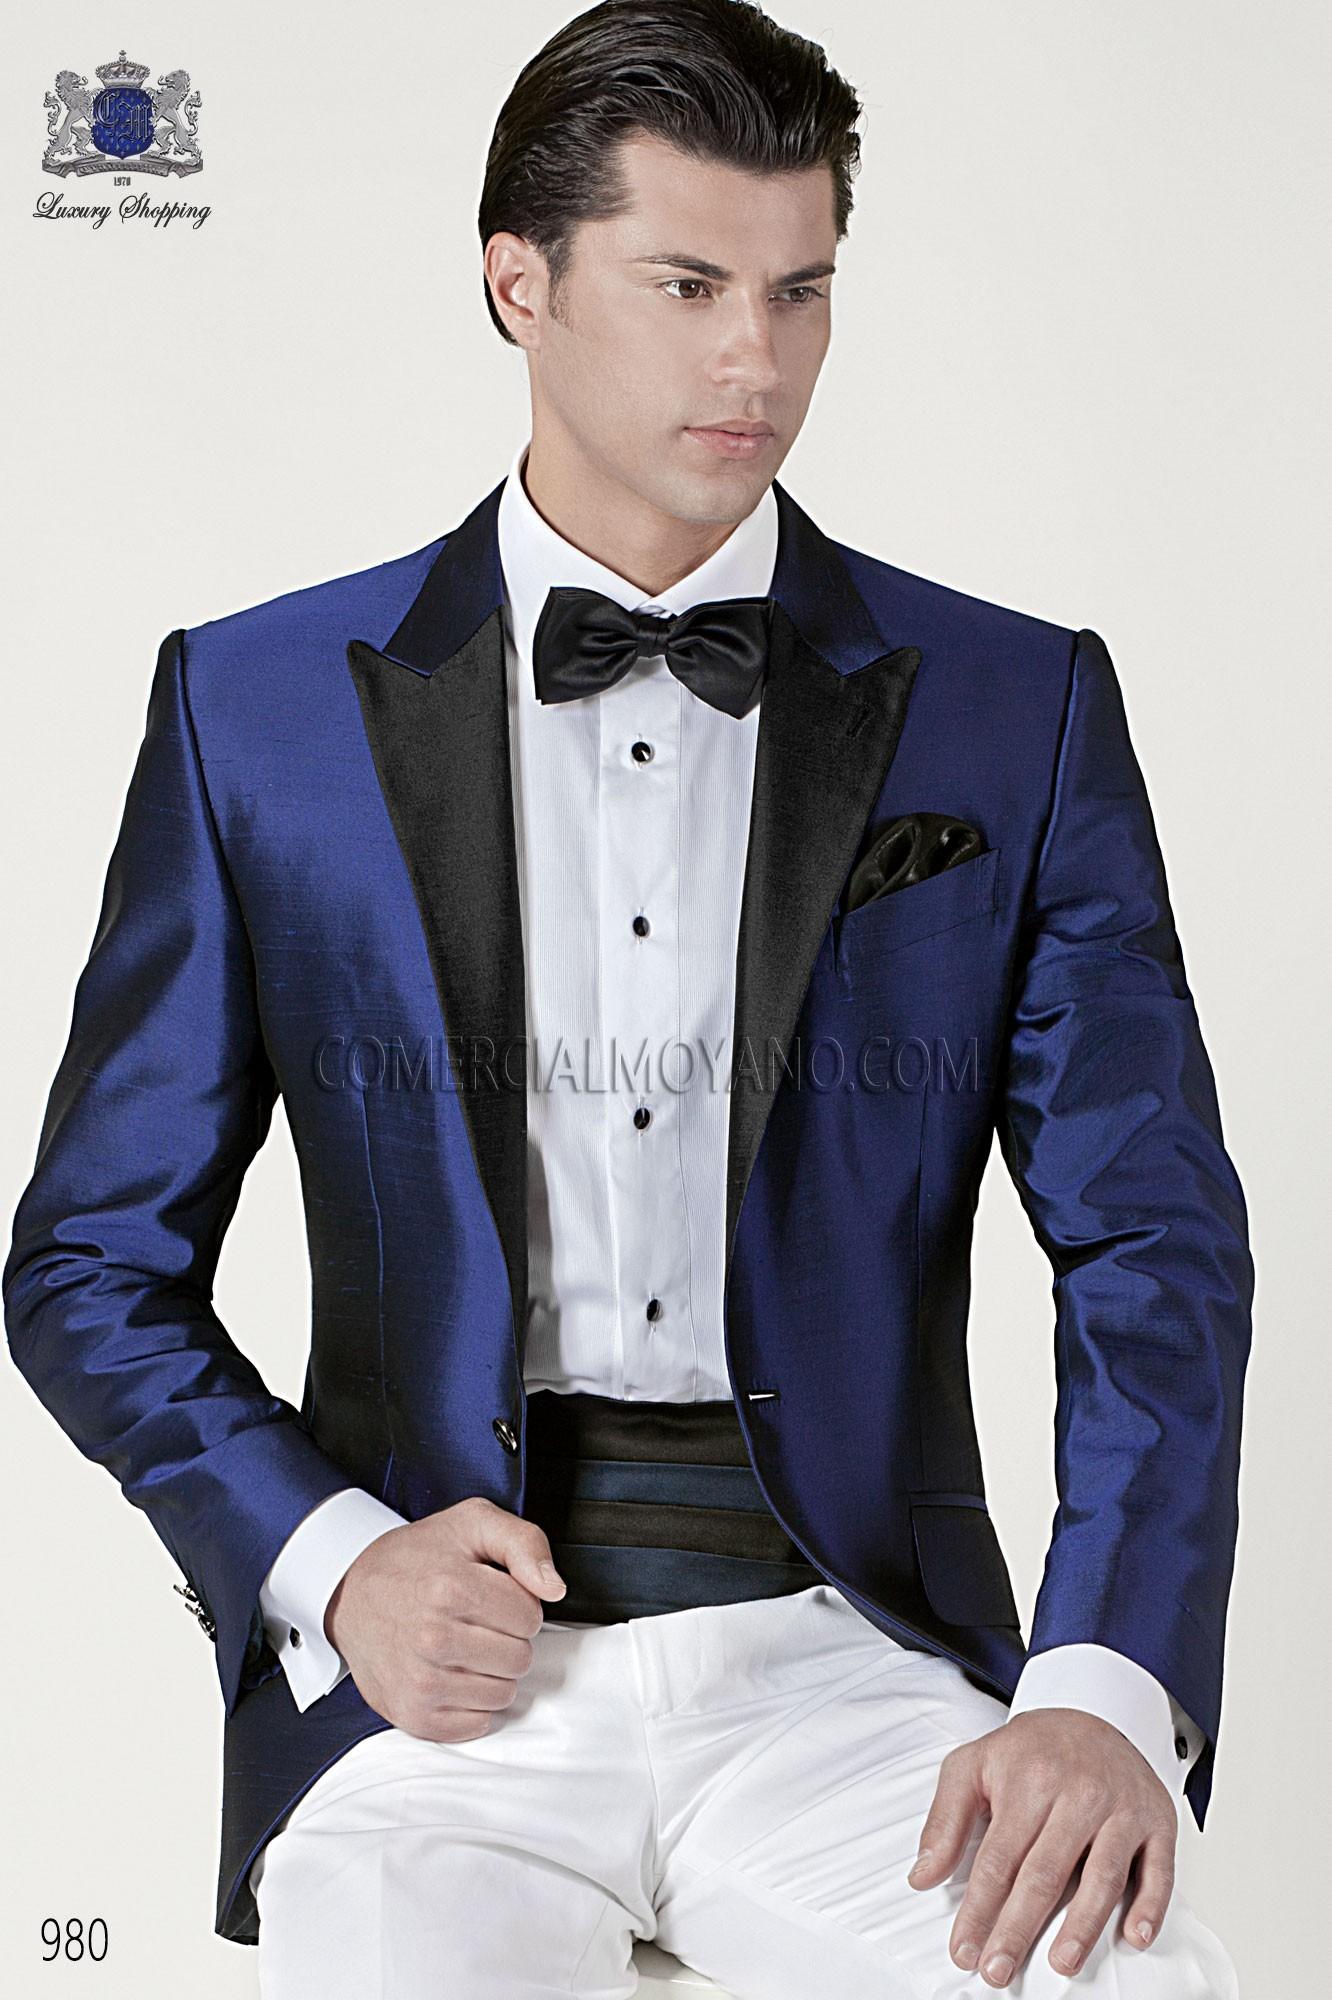 Traje de fiesta hombre azul modelo: 980 Ottavio Nuccio Gala colección Black Tie 2017